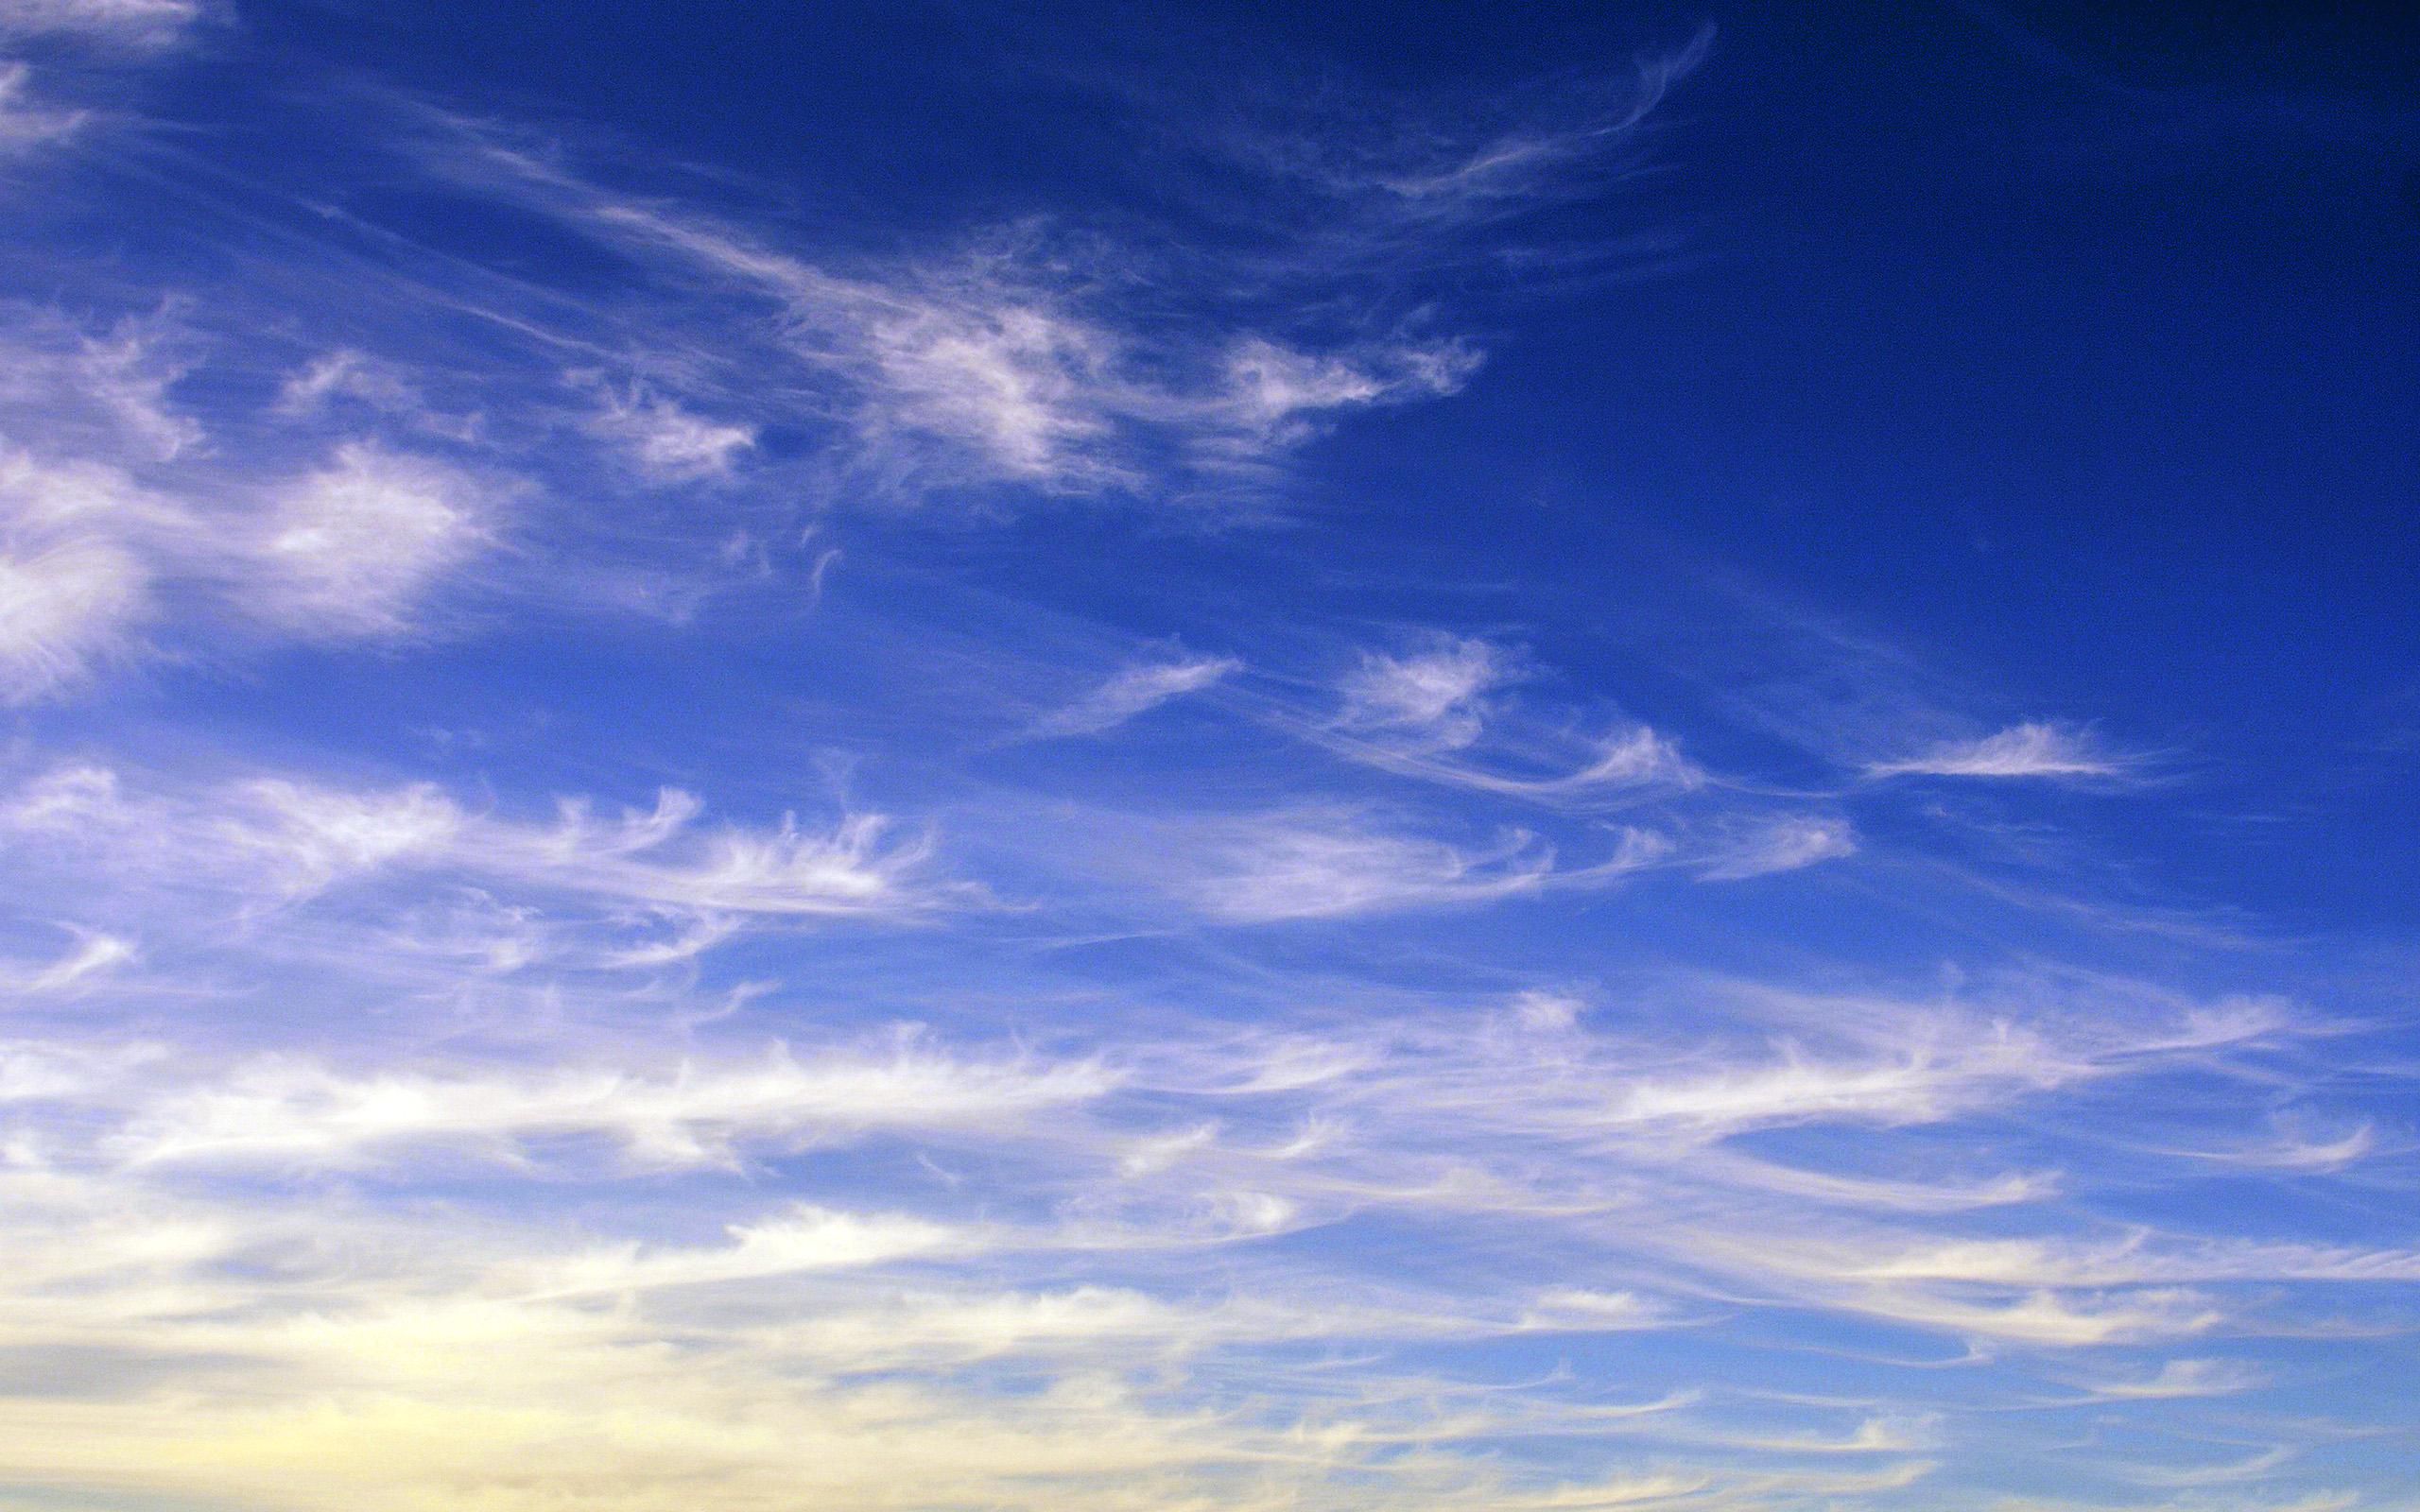 ne47-sky-strong-blue-cloud-nature-sunny-summer-wallpaper